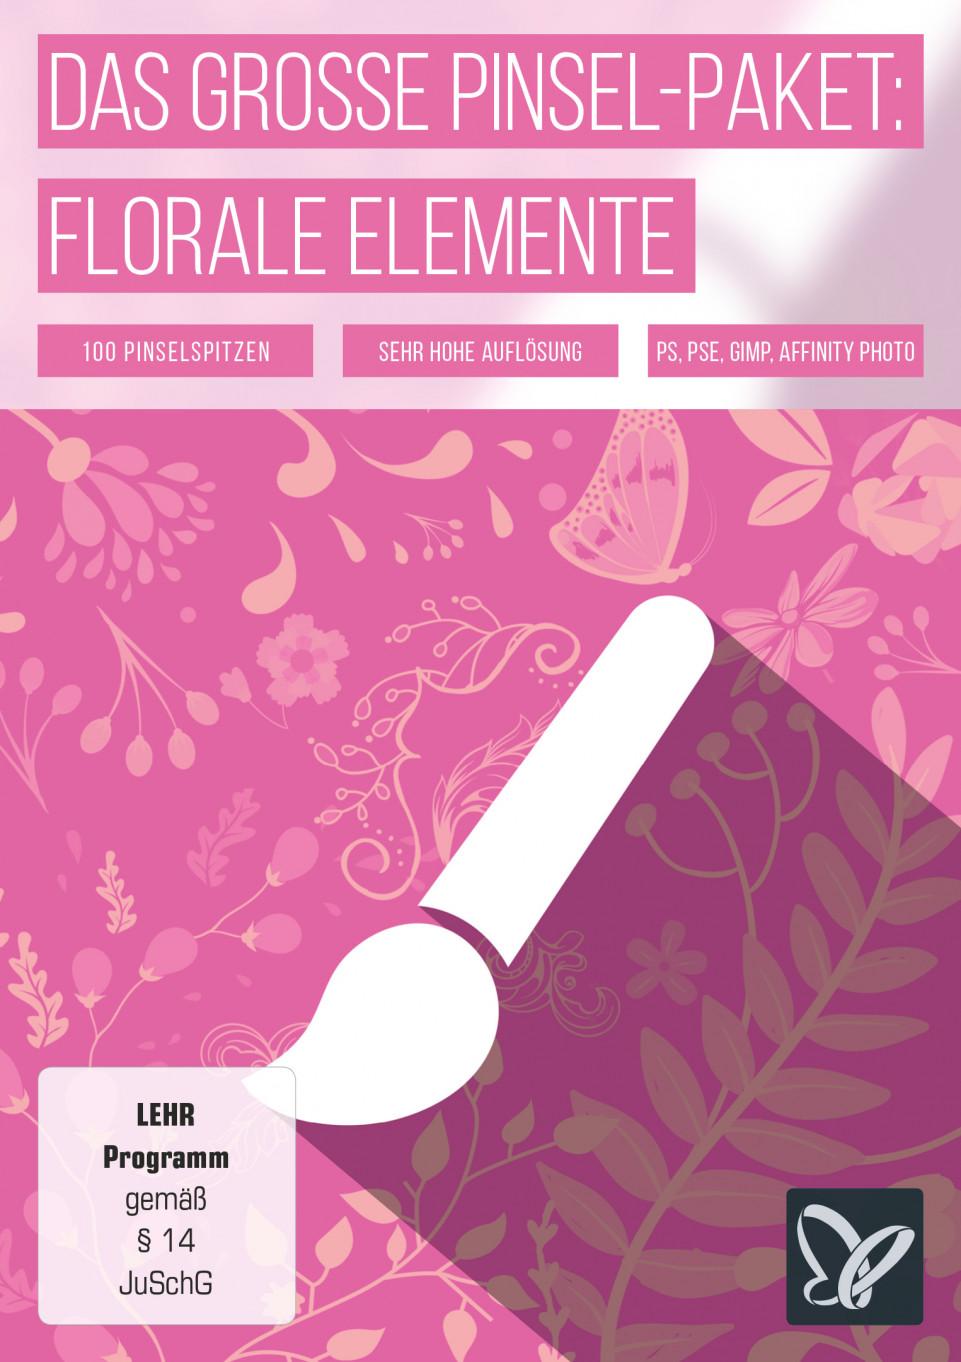 Flower Brush: die Photoshop-Pinsel für florale Elemente